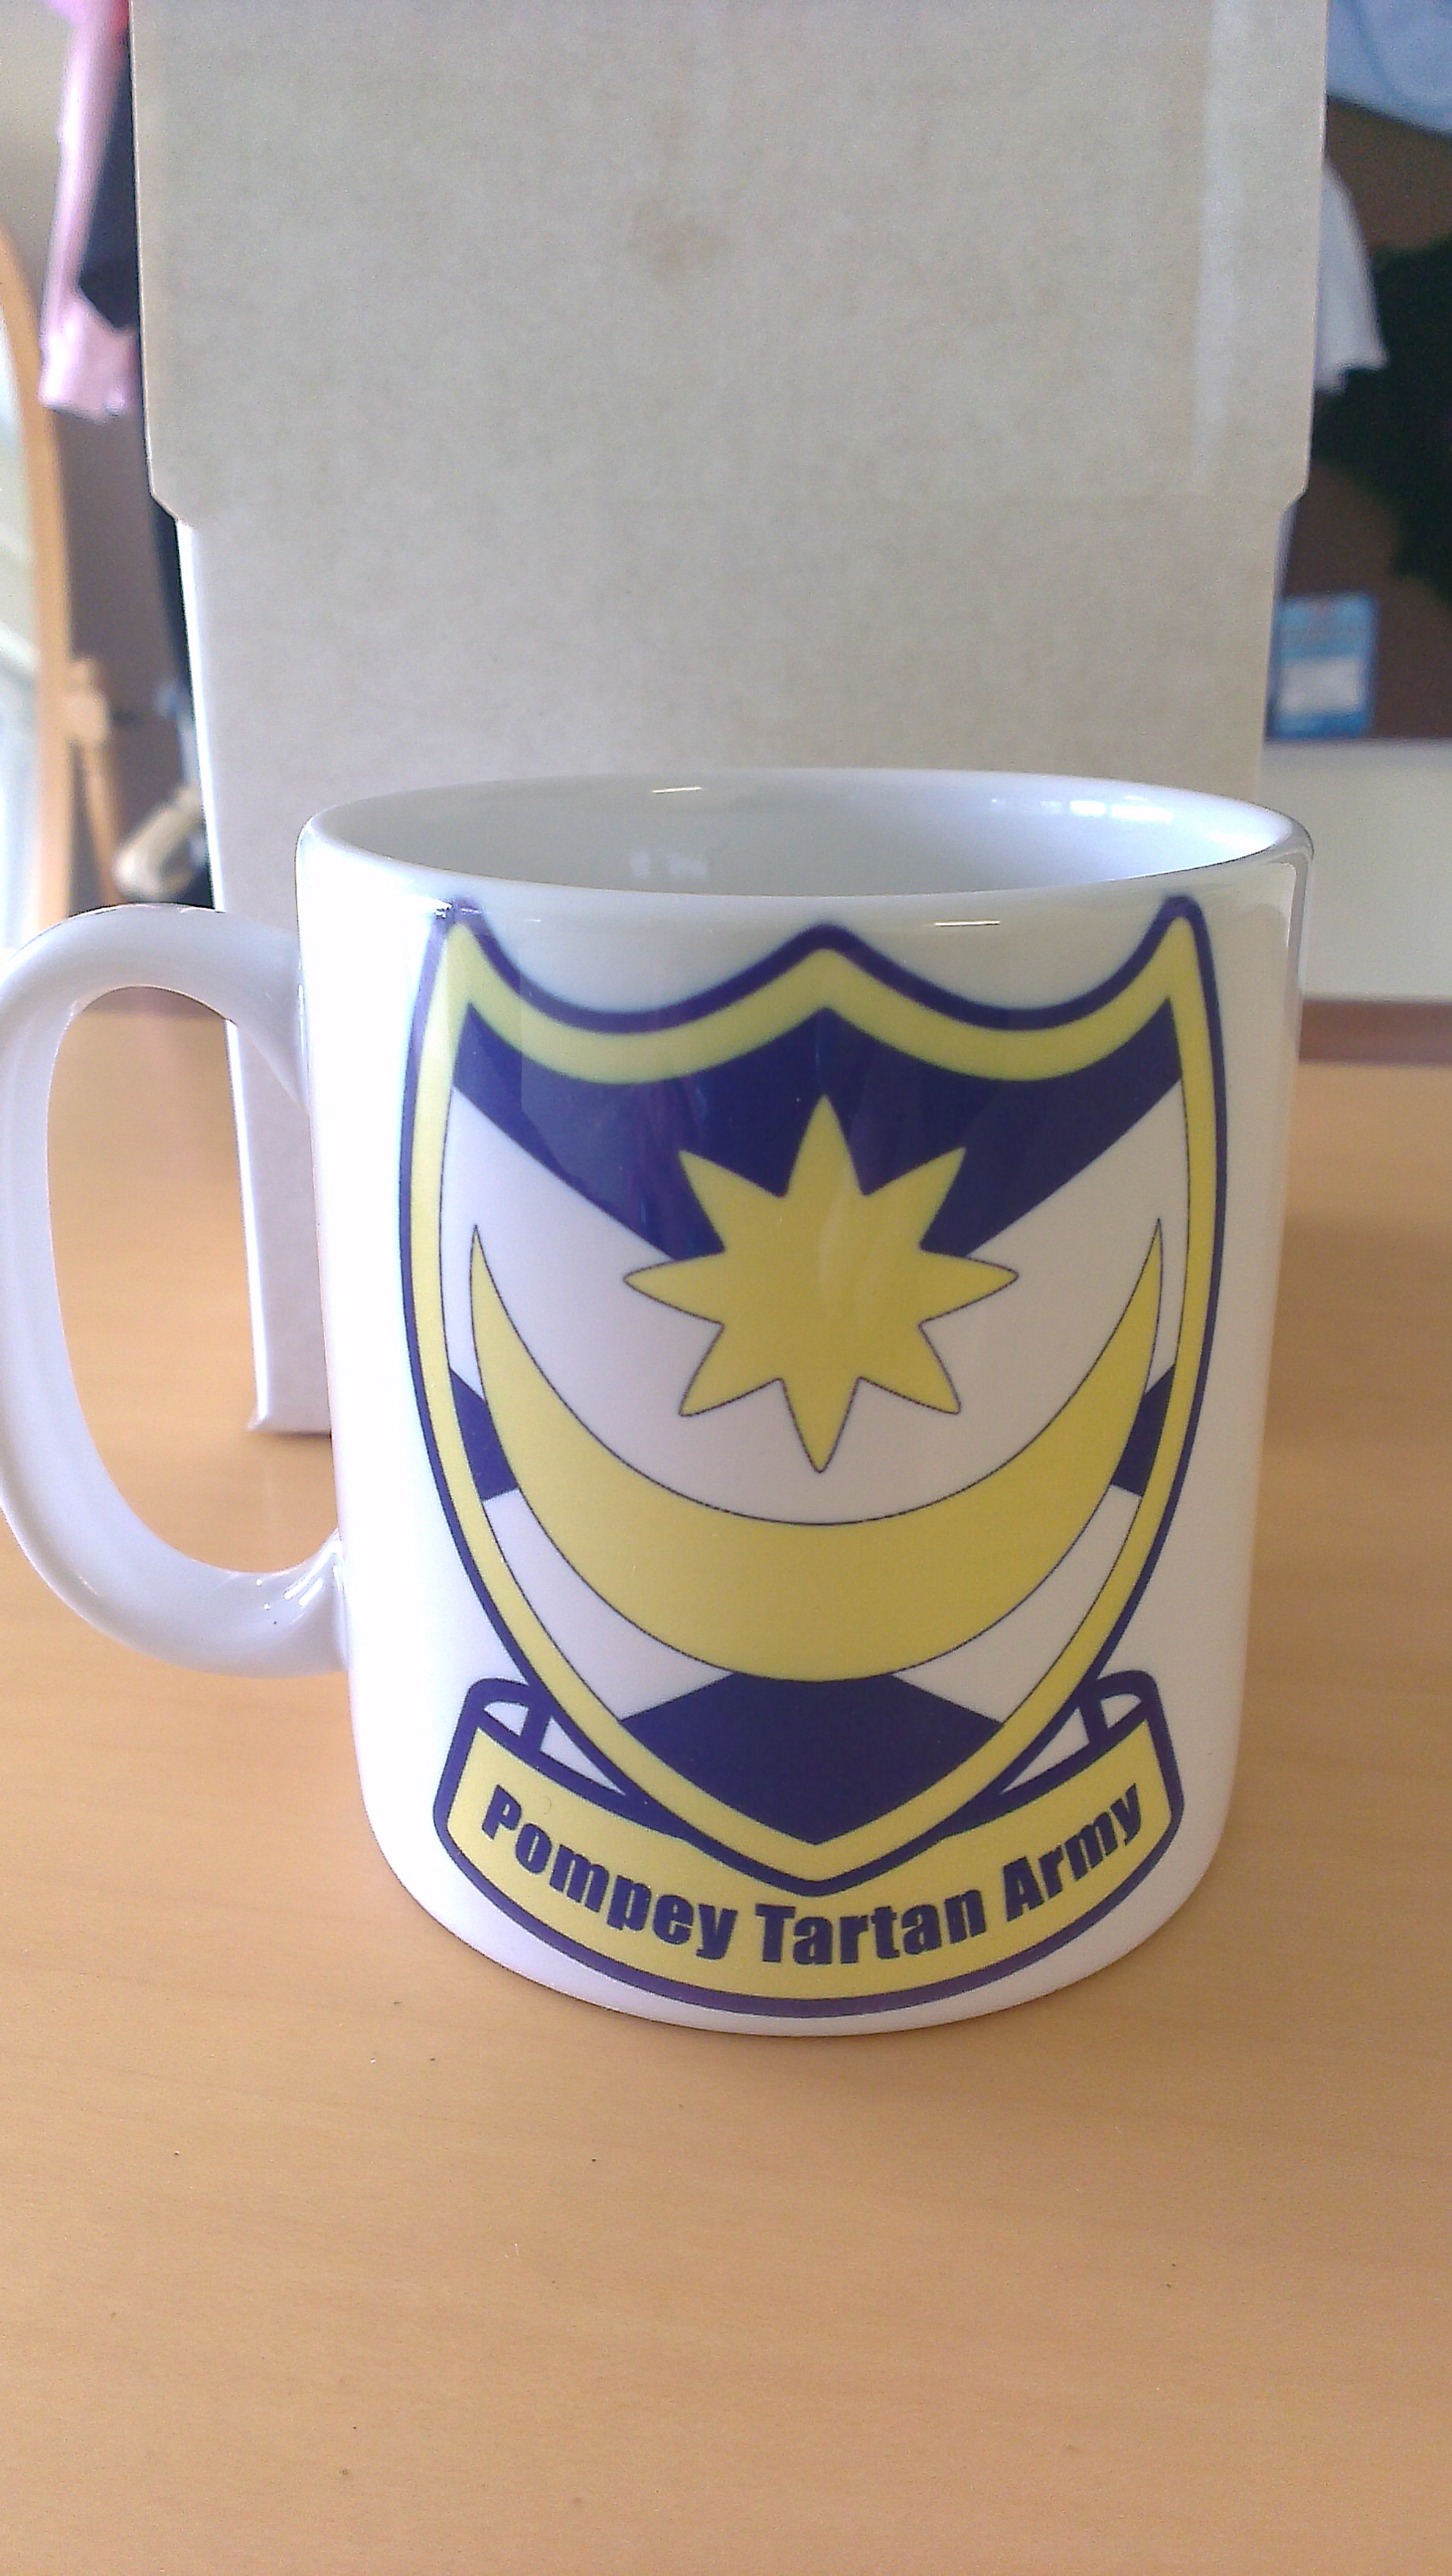 Pompey Tartan Army - Mug